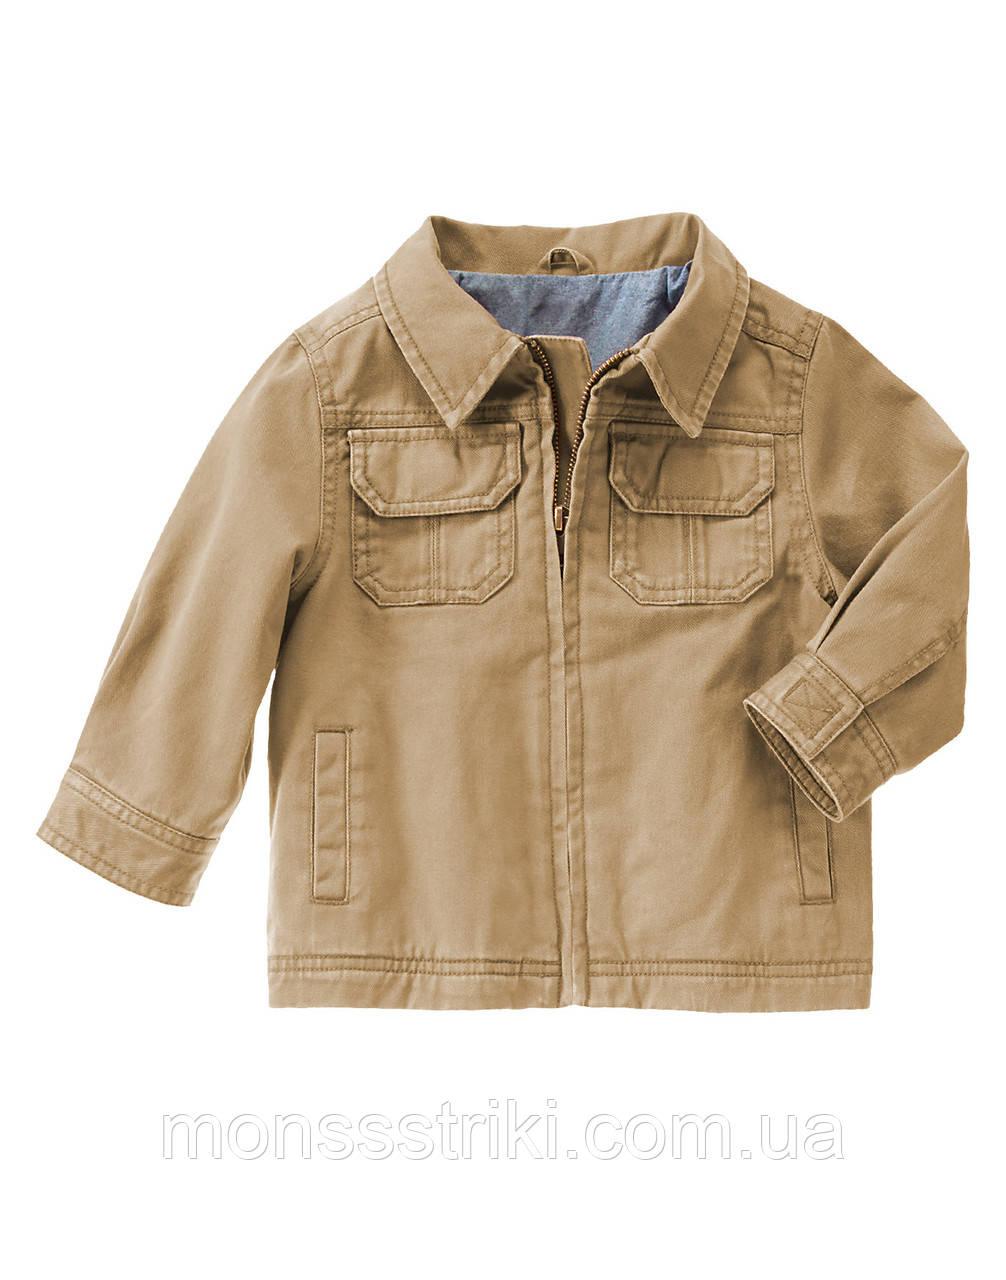 Стильная брендовая одежда доставка